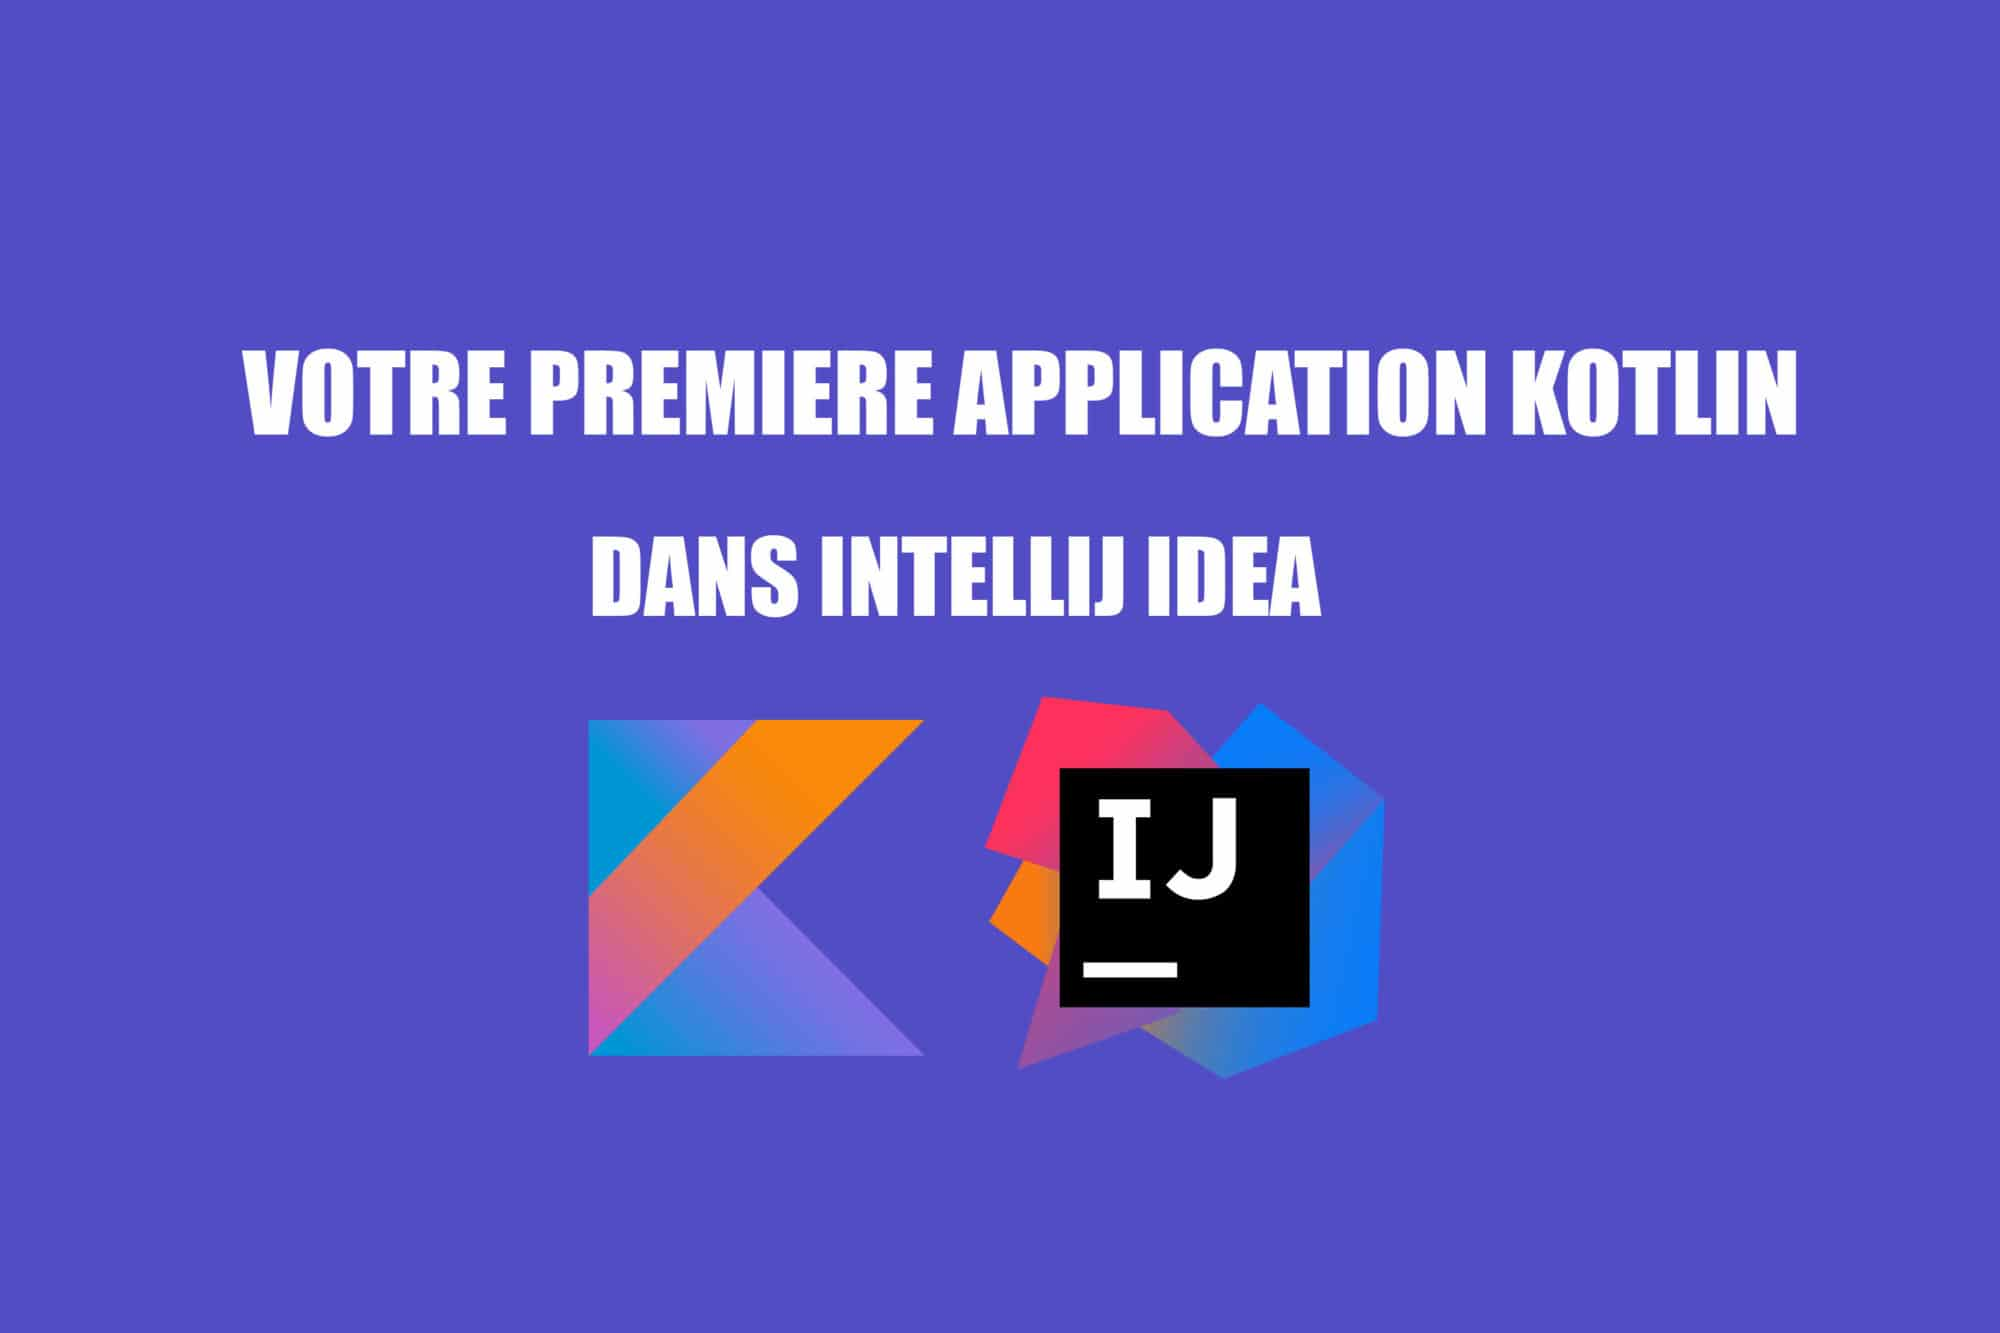 premiere application kotlin dans intellij idea